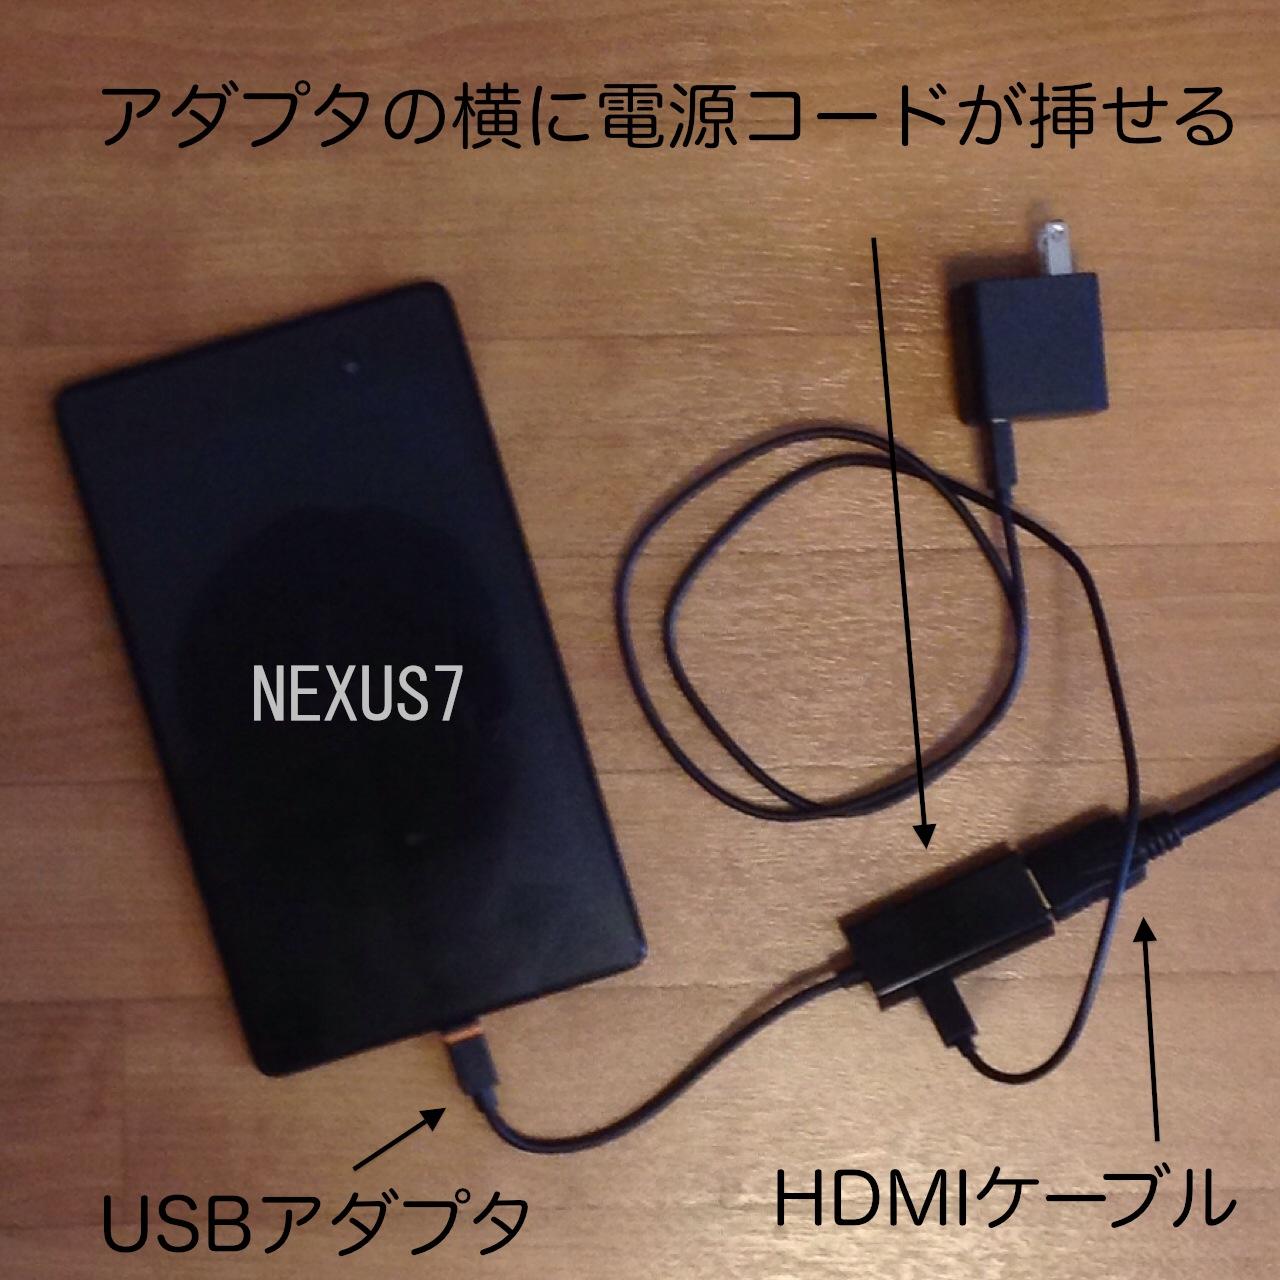 [備忘録]HDMI端子利用で、NEXUS7をテレビに接続してみた